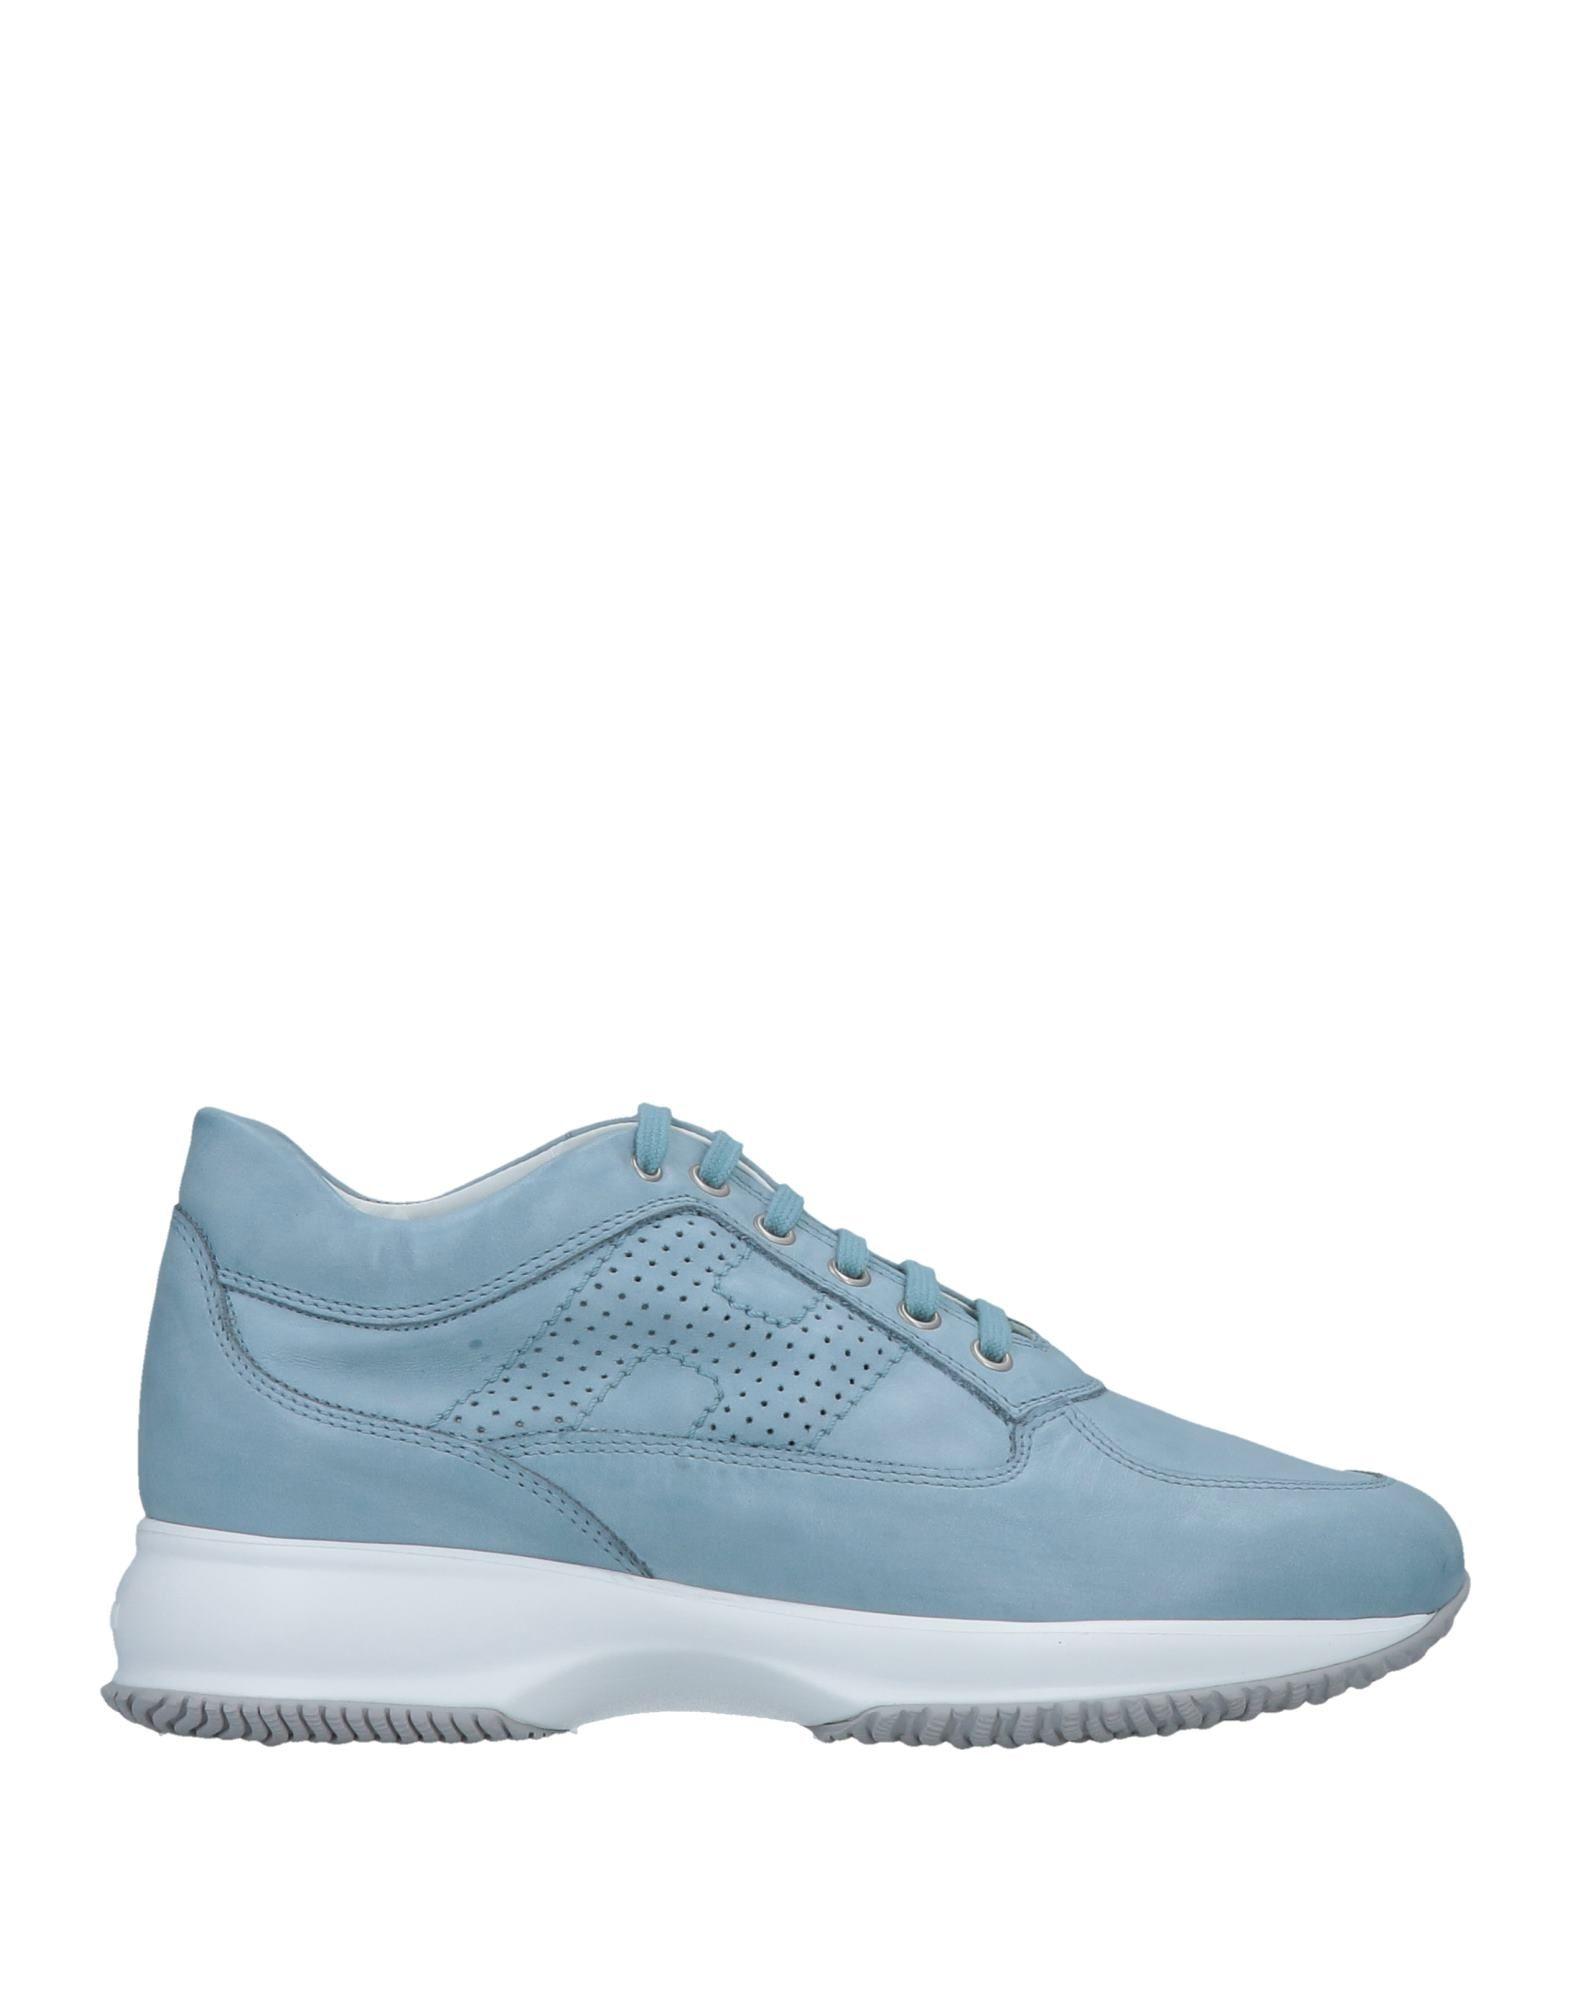 Los zapatos más populares para hombres y Zapatillas mujeres Zapatillas y Hogan Mujer - Zapatillas Hogan  Azul celeste adf09b